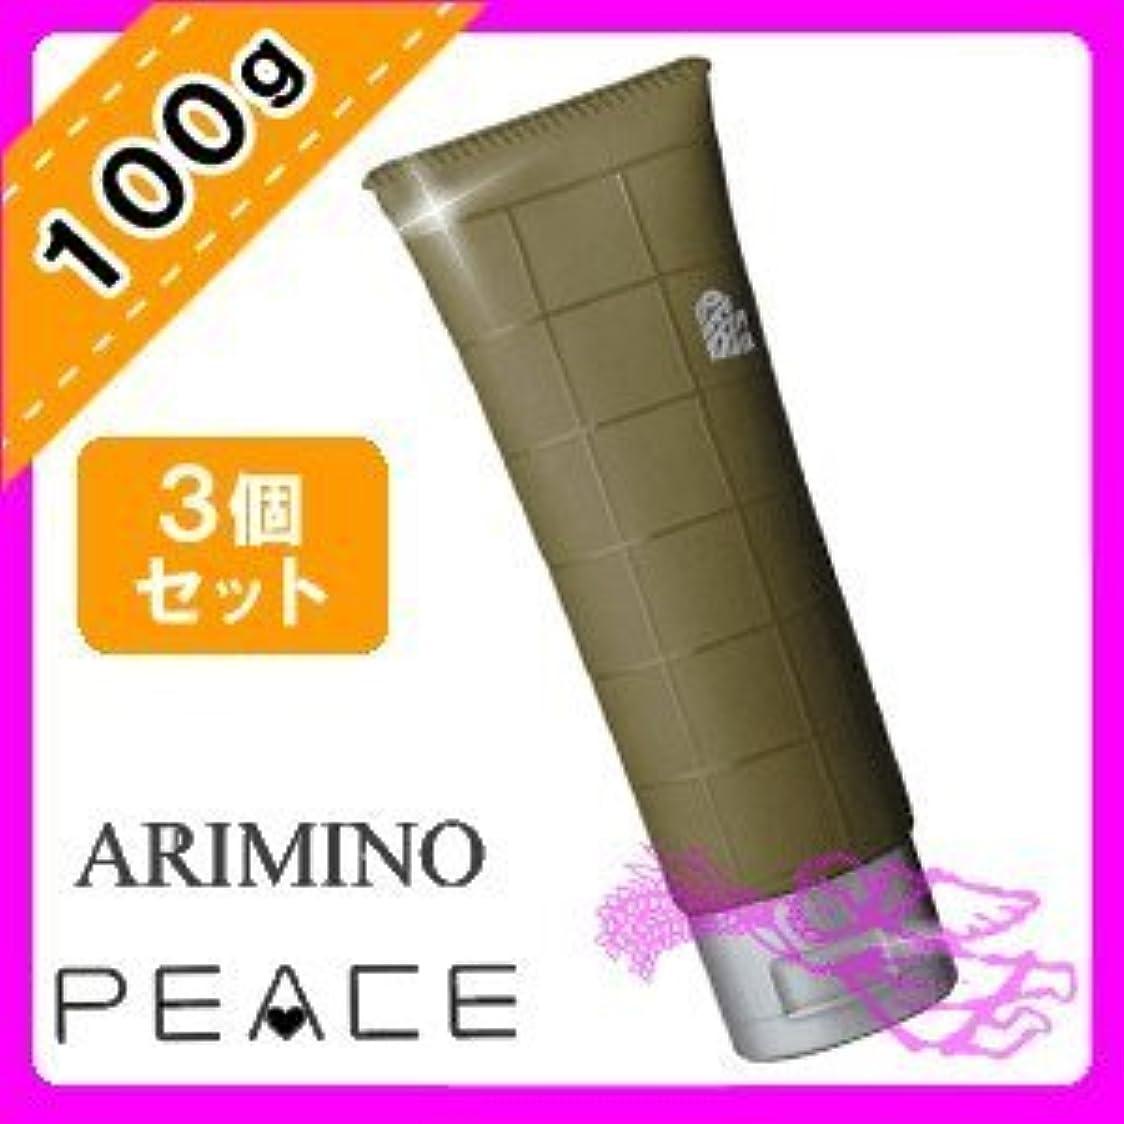 マエストロ参照ええアリミノ ピース ウェットオイル ワックス 100g ×3個セット arimino PEACE